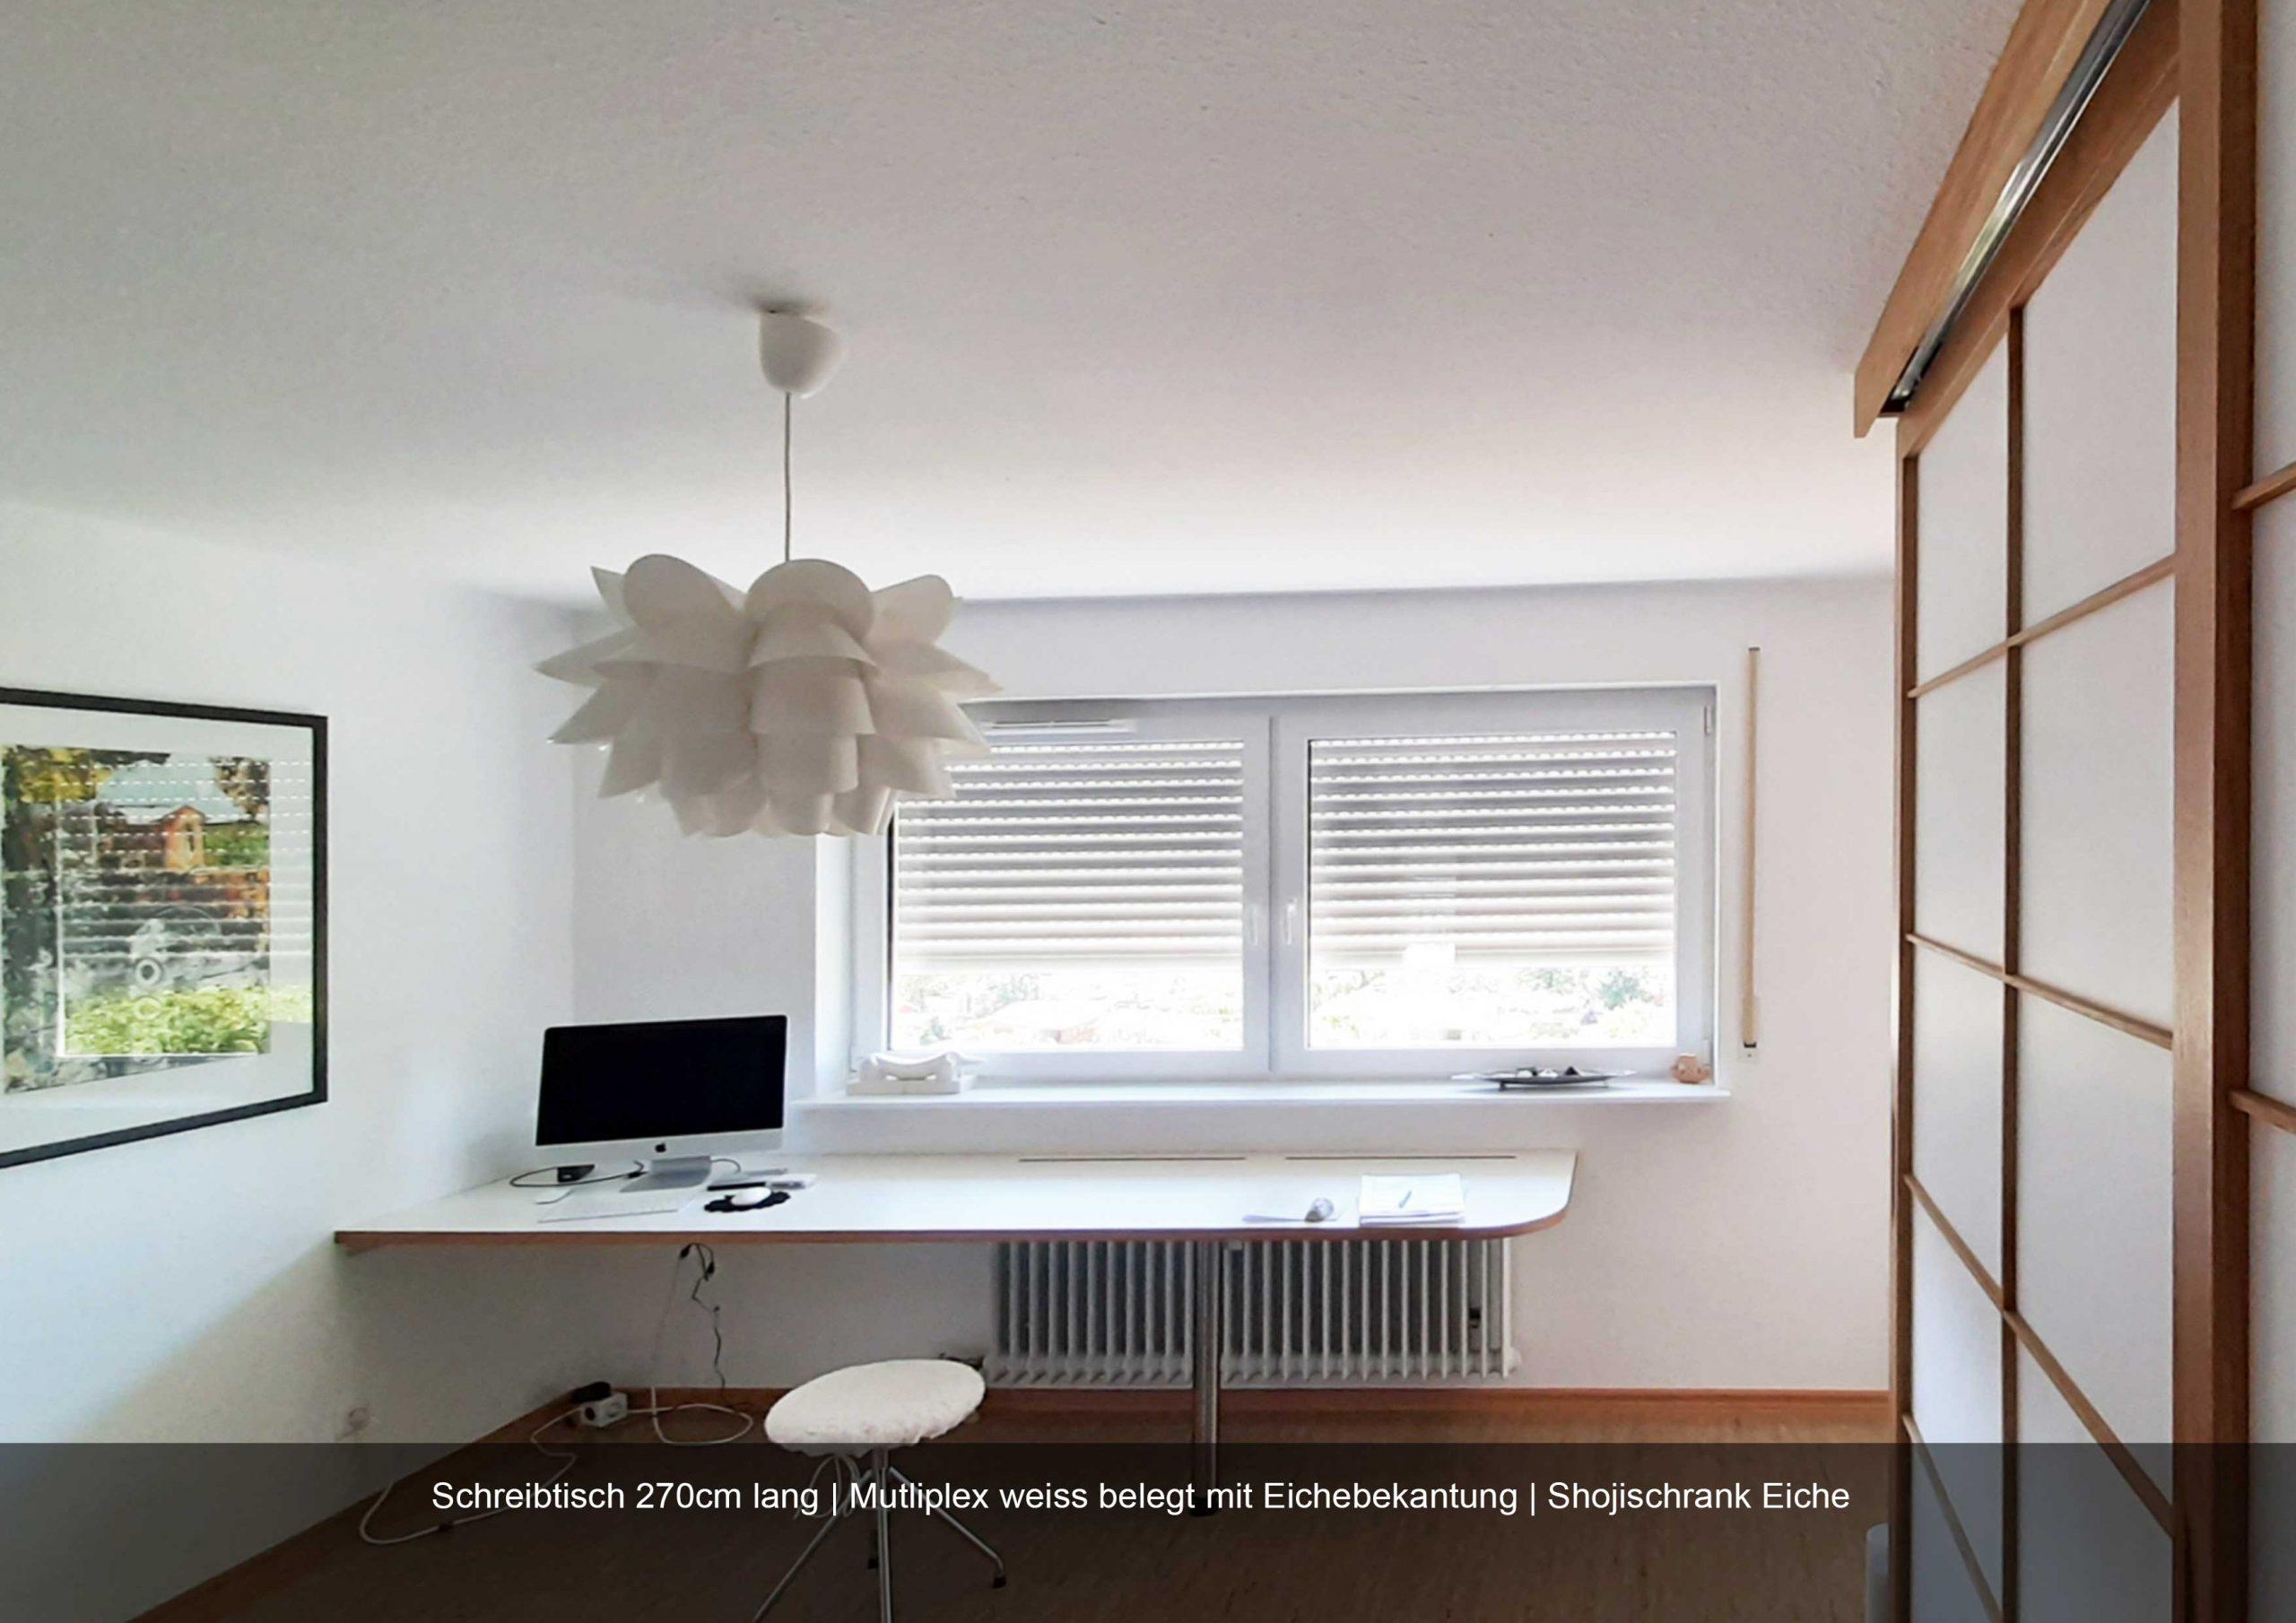 Schreibtisch weiss lang 270 cm Eichebekanntung Multiplex Shojischrank Eiche